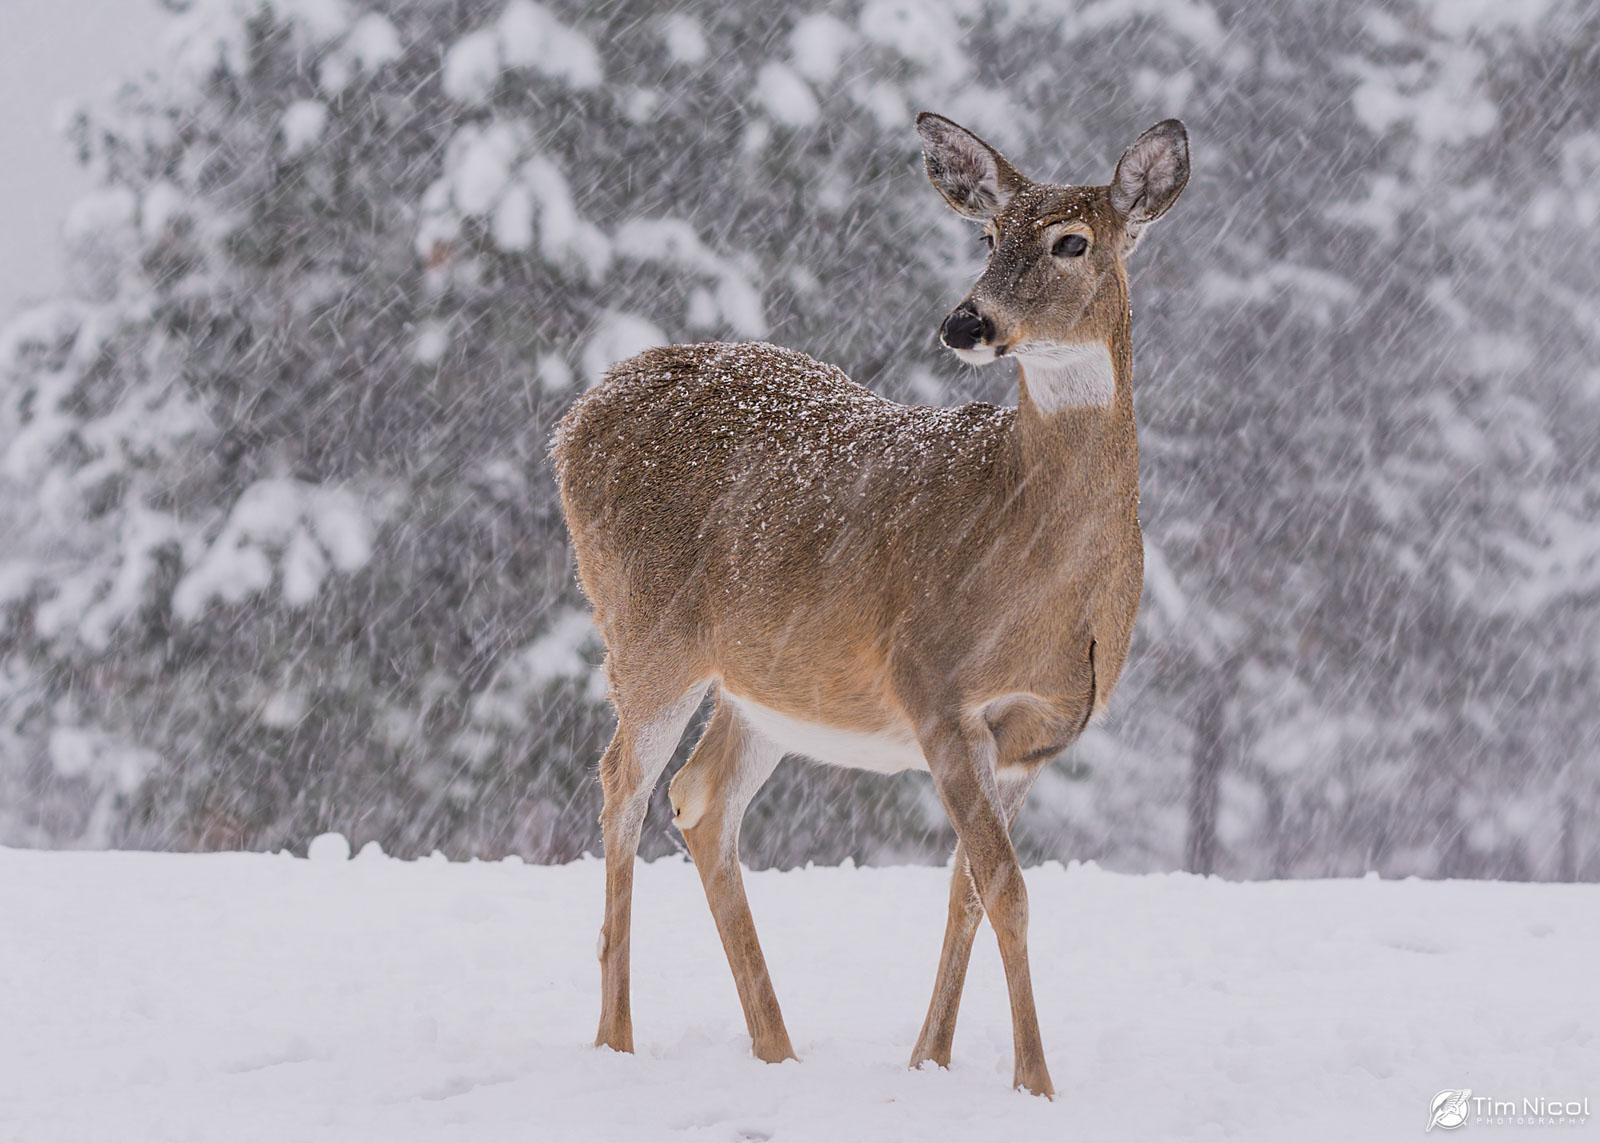 deer by Tim J Nicol